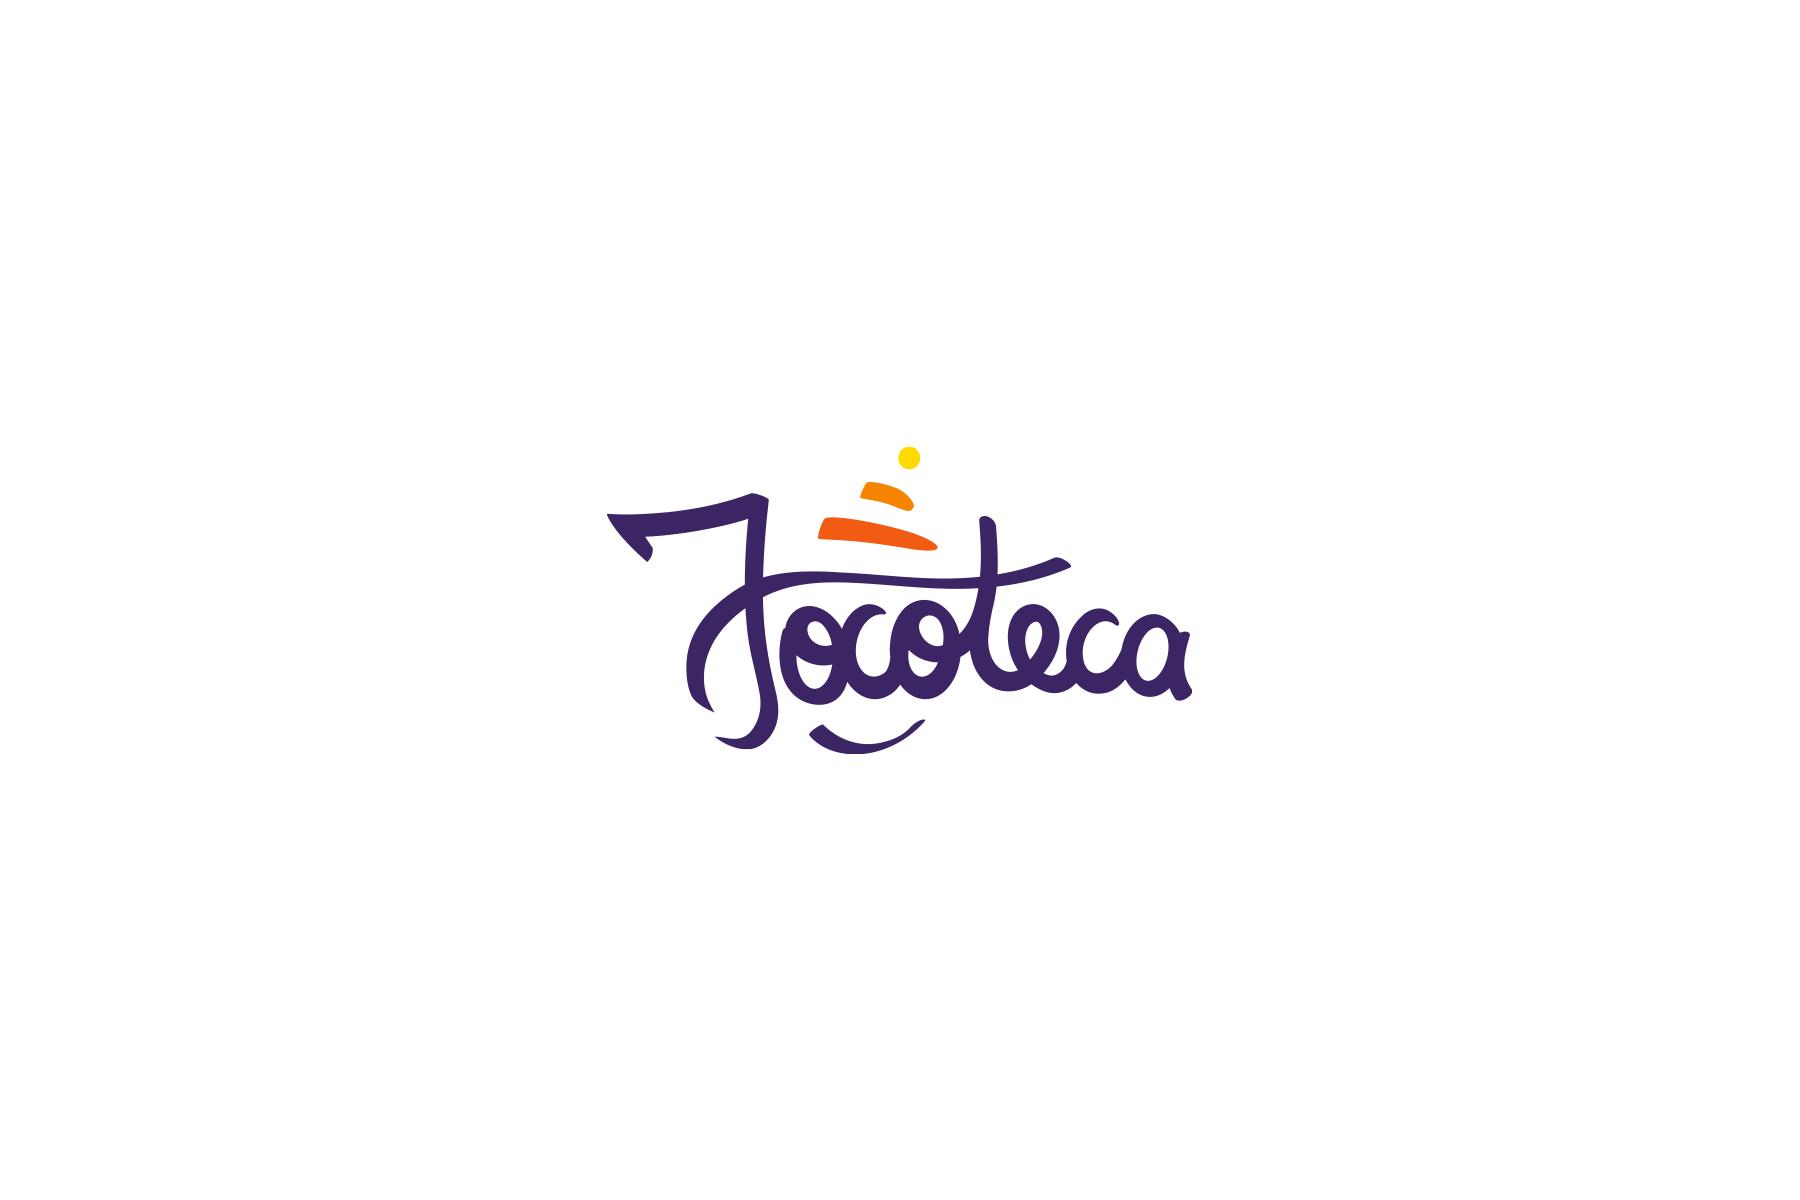 logo-design-after